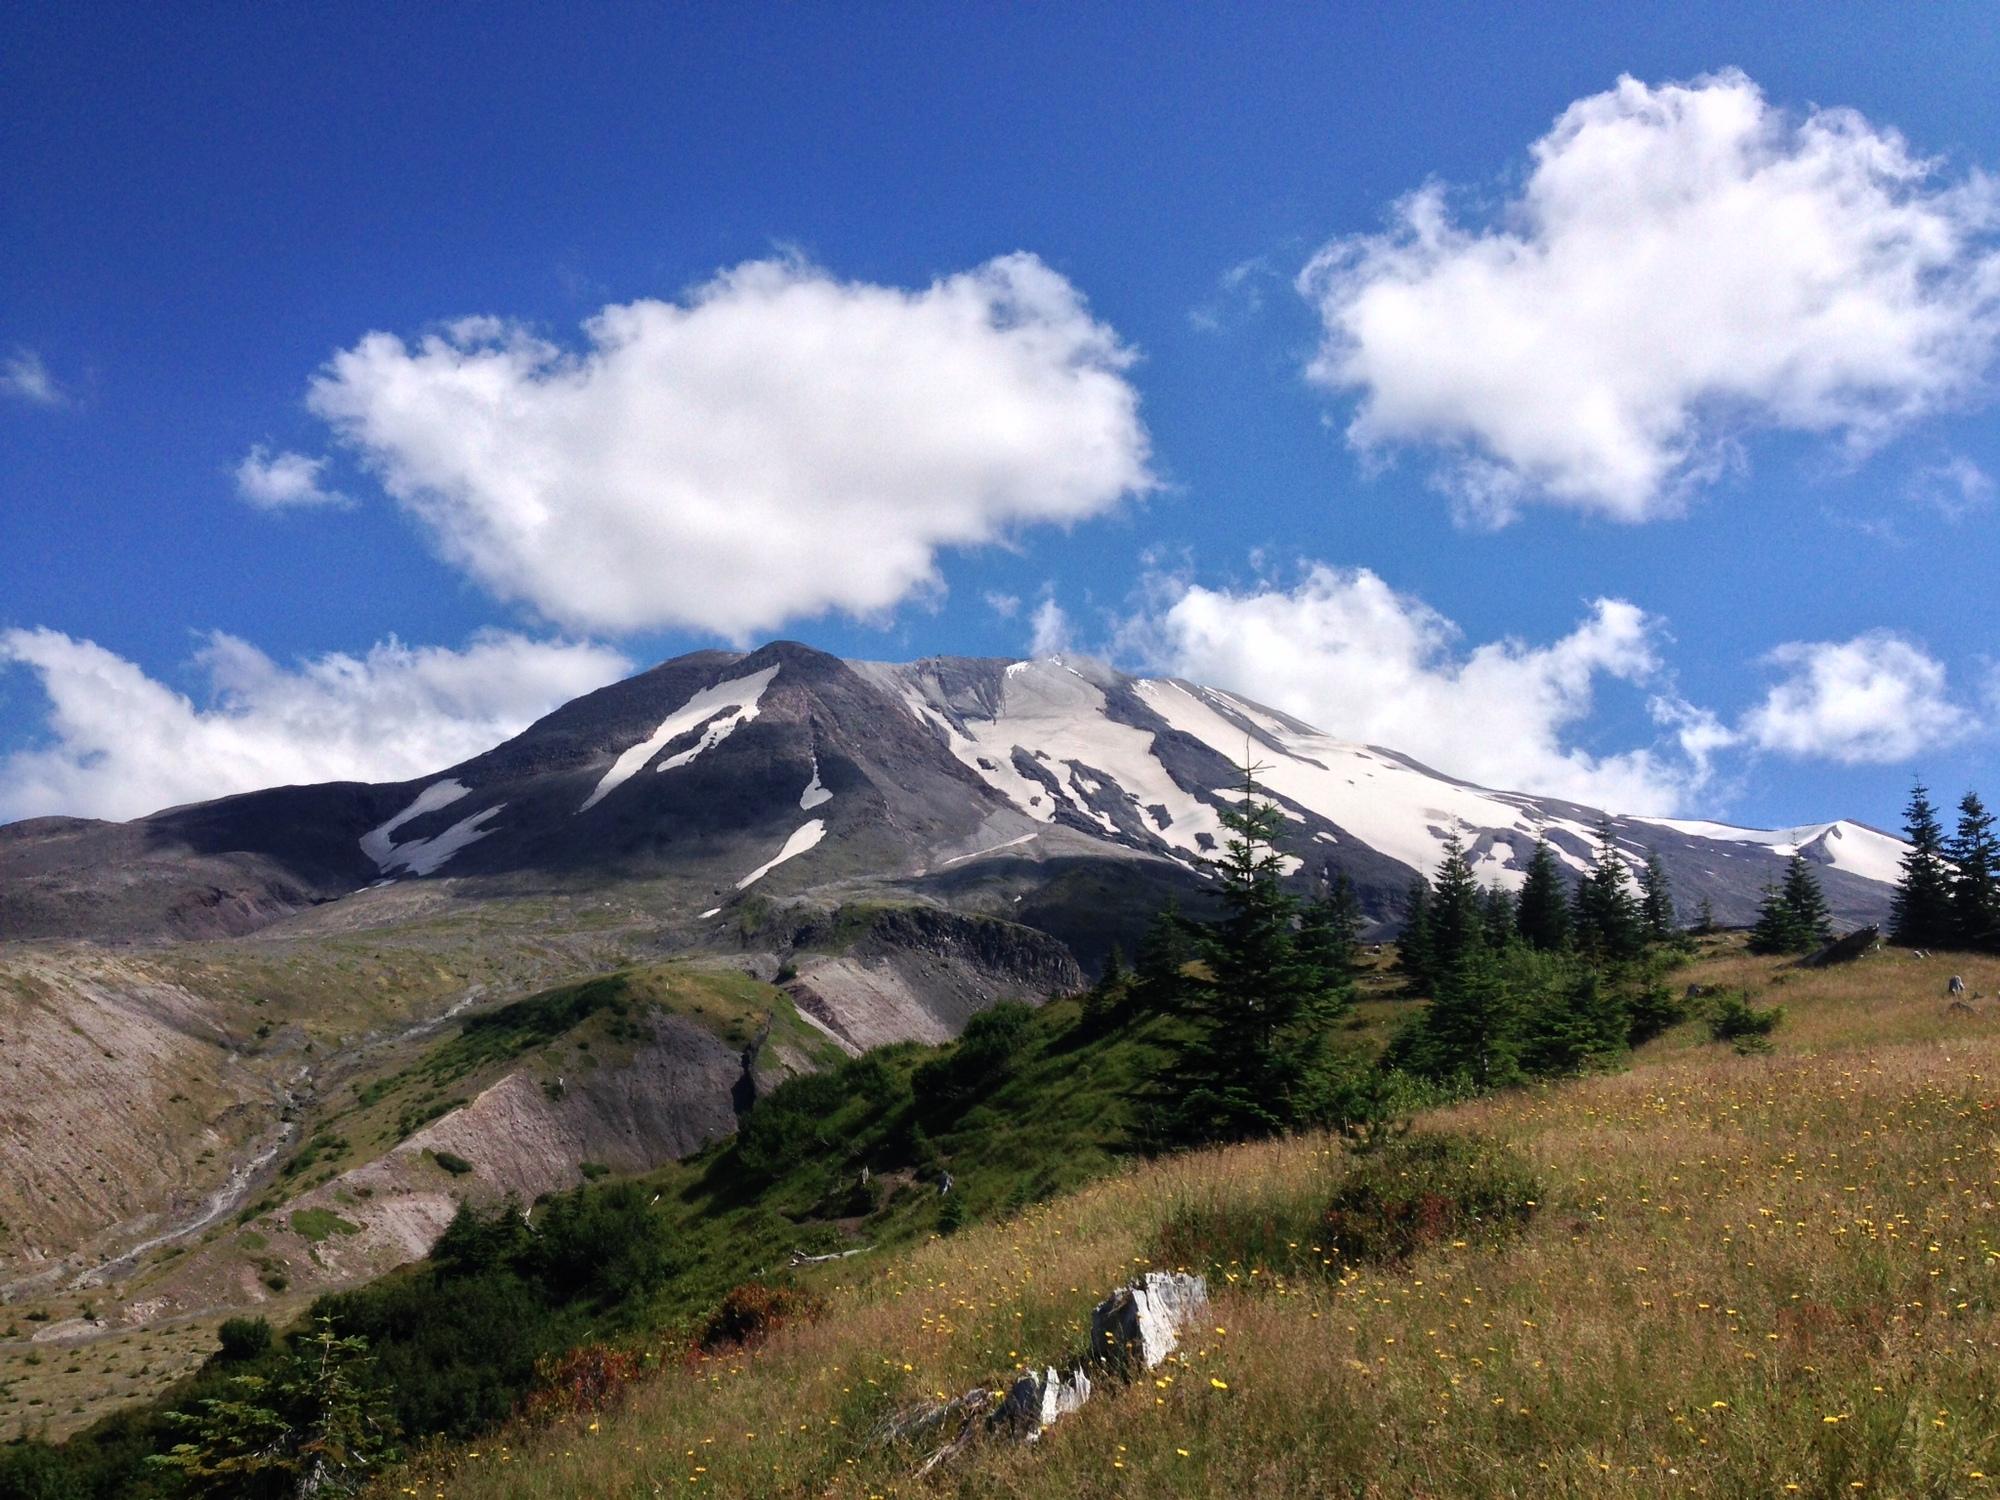 Loowit Trail